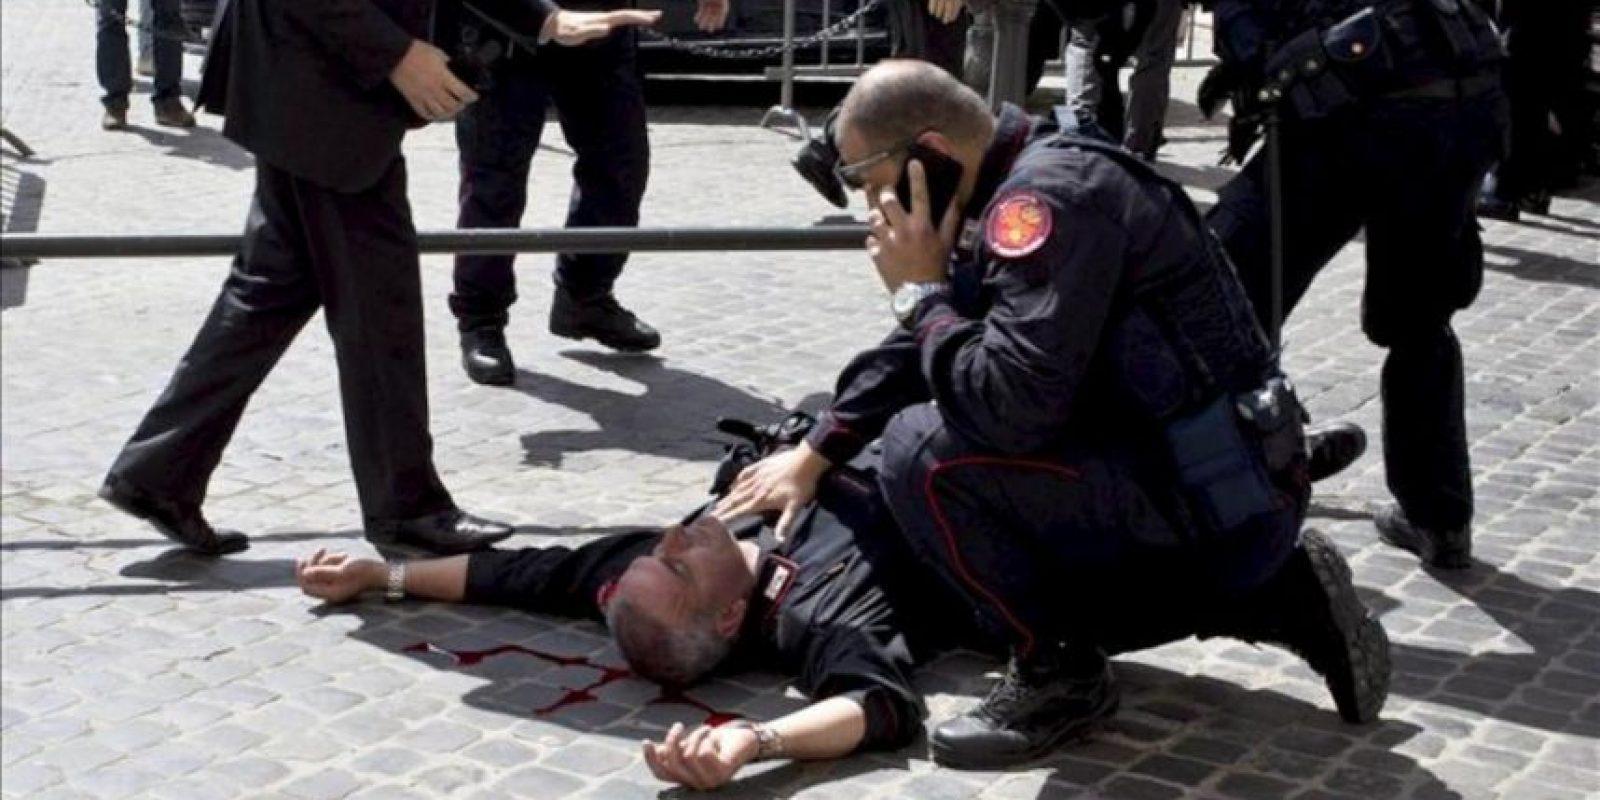 Dos carabineros (policía militarizada) y una mujer resultaron heridos en un tiroteo registrado hoy ante la sede del Gobierno italiano, mientras Enrico Letta juraba su cargo como nuevo primer ministro en otro edificio, informaron medios de comunicación locales. EFE